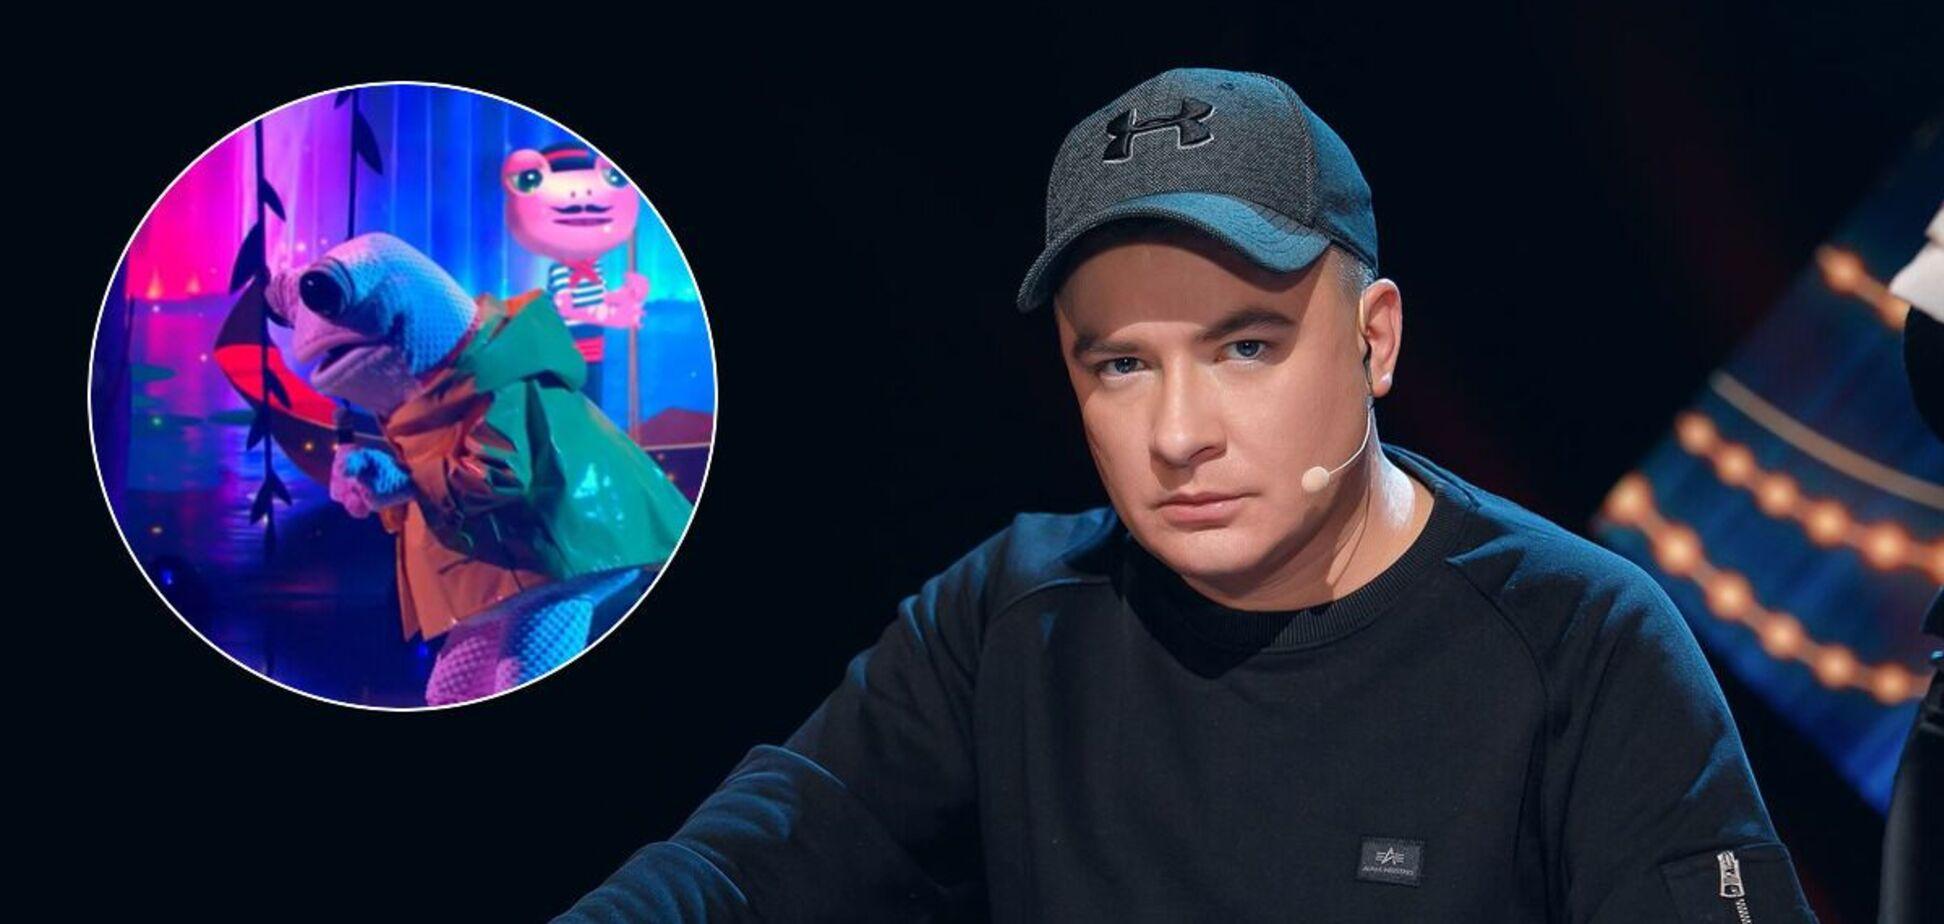 Андрій Данилко став суддею шоу 'Маска'